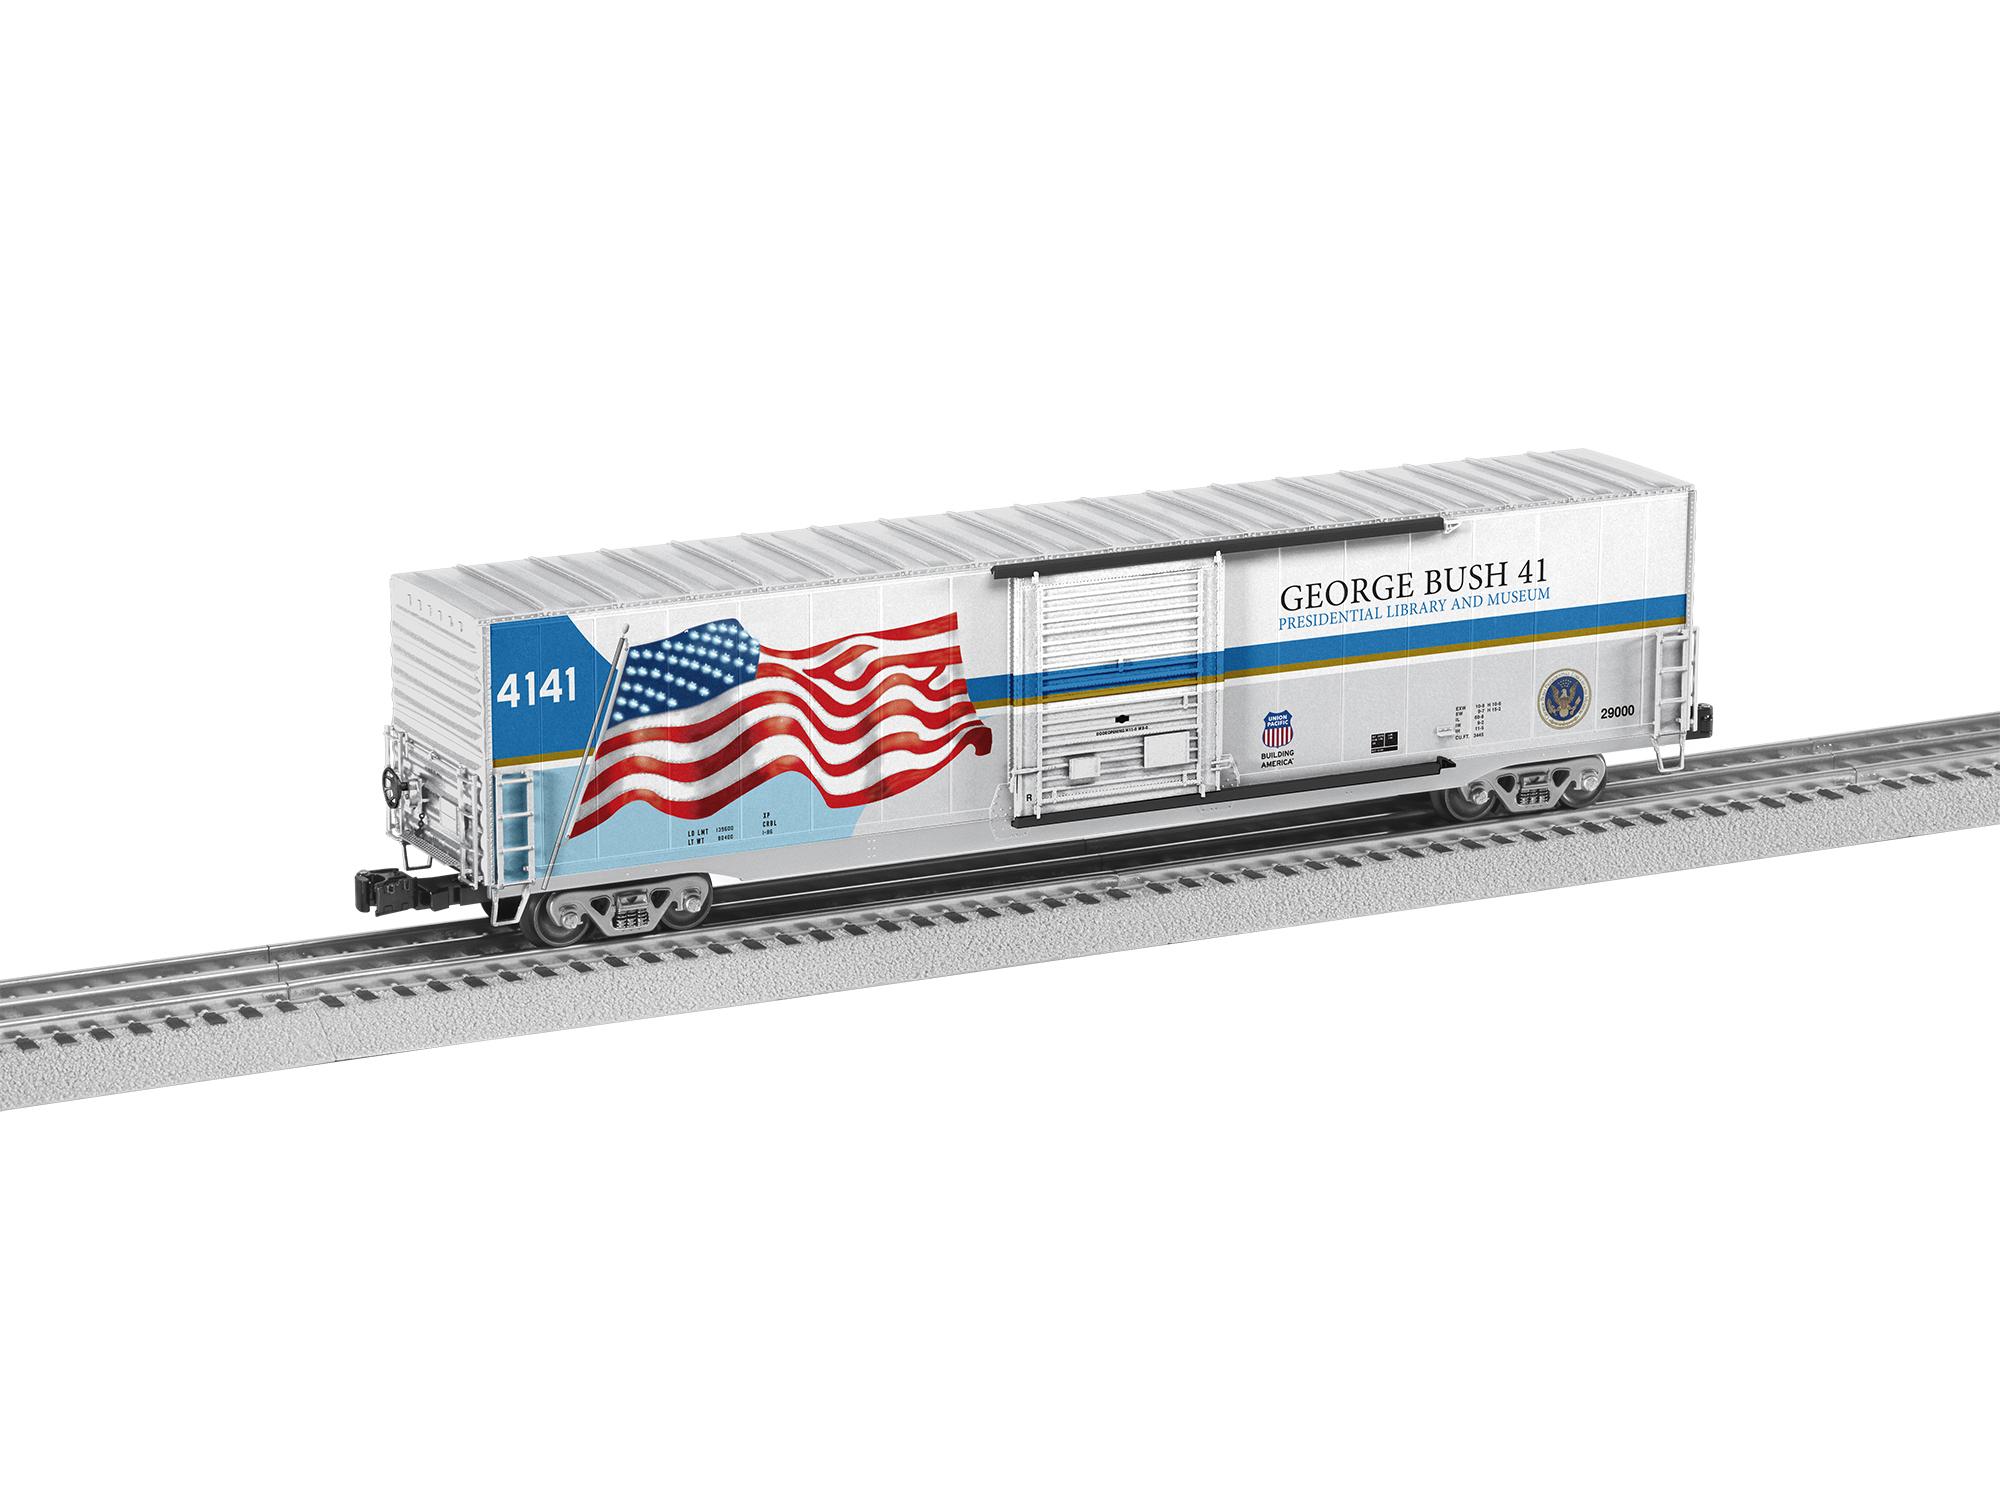 Lionel 2026370 O 60' Boxcar w/ LED Lights 3-Rail Union Pacific George H.W. Bush 4141 w/ Flag